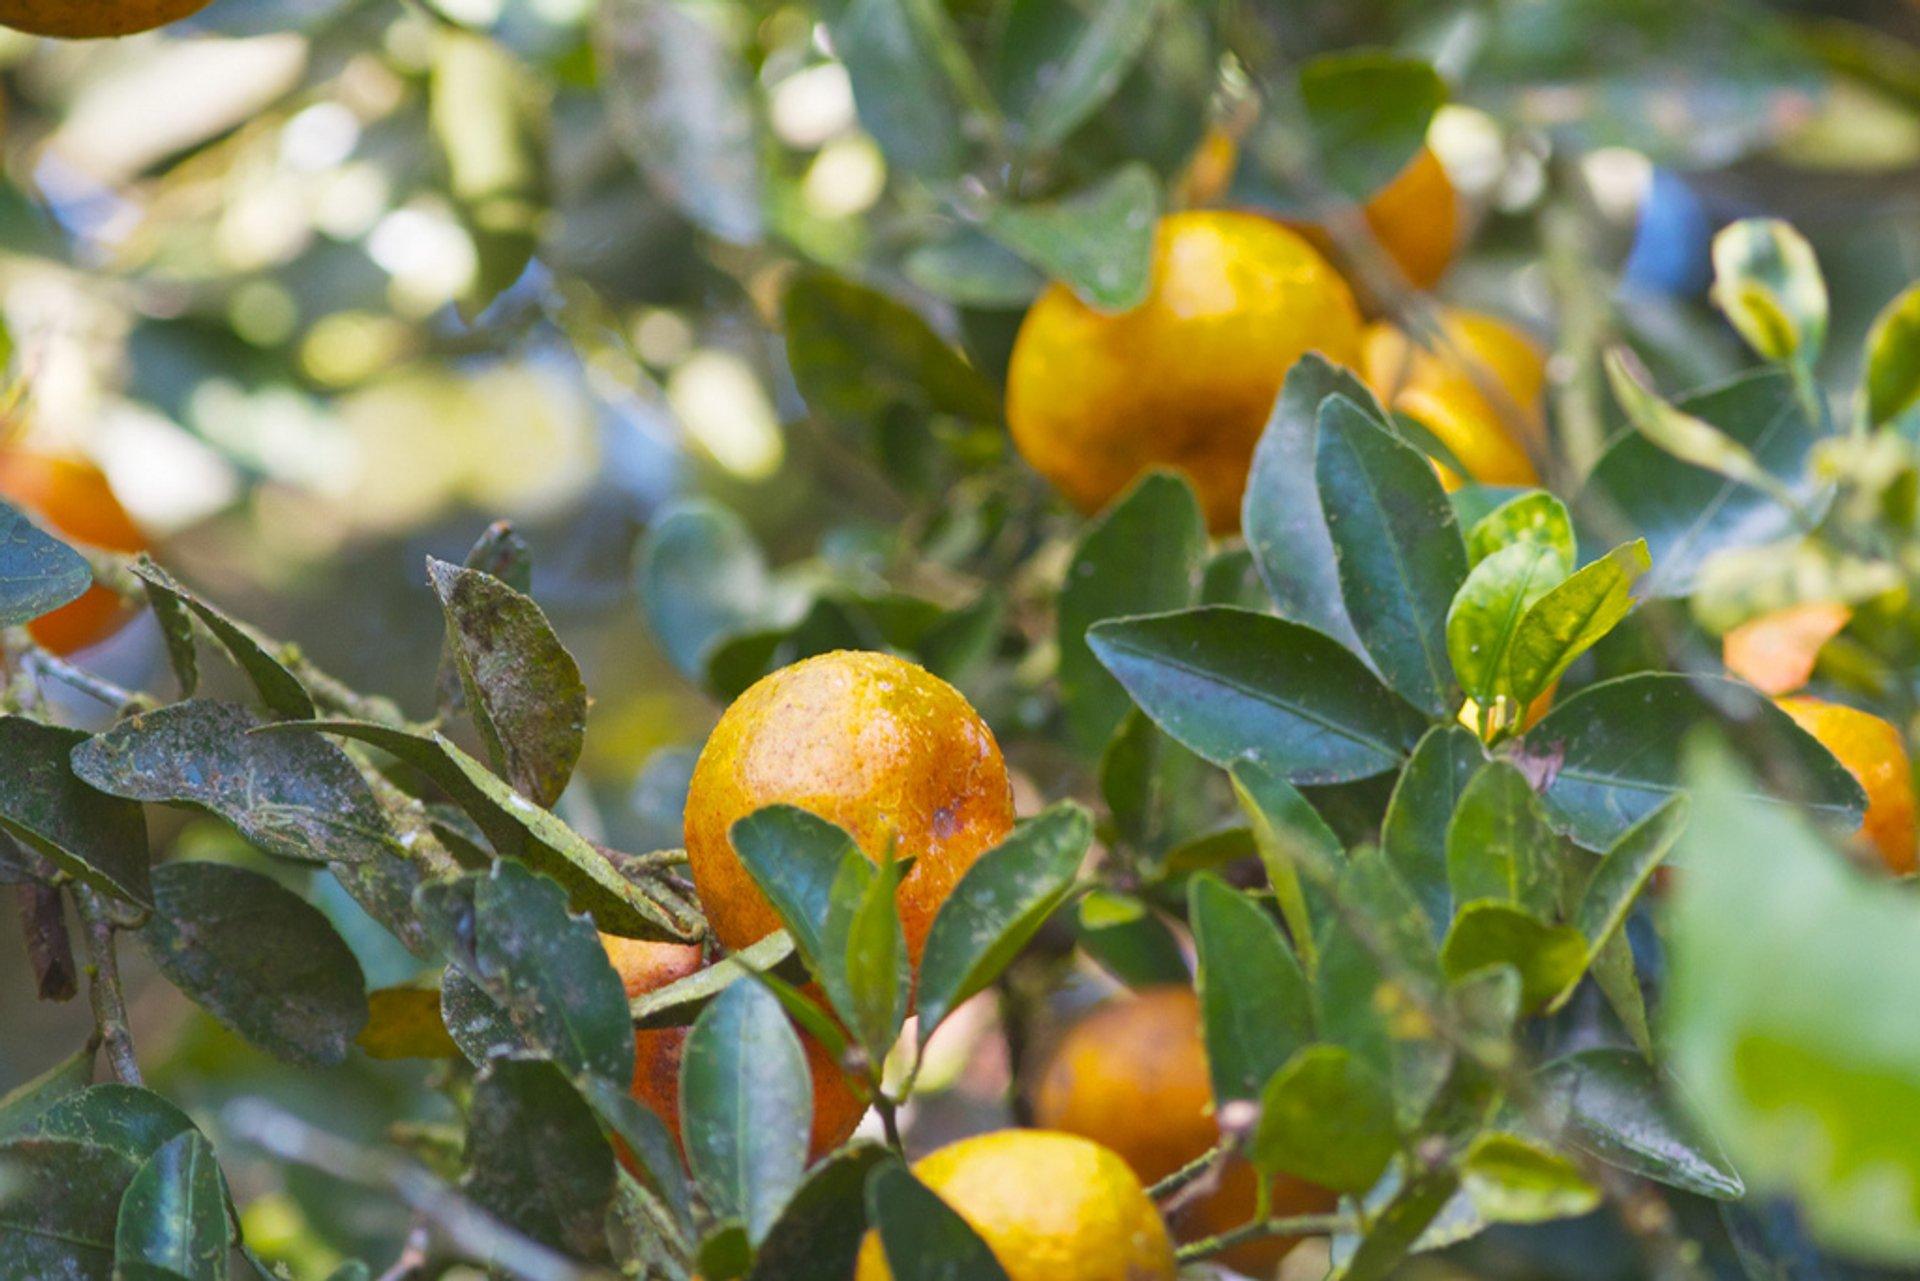 Mandarin Orange in Costa Rica 2020 - Best Time